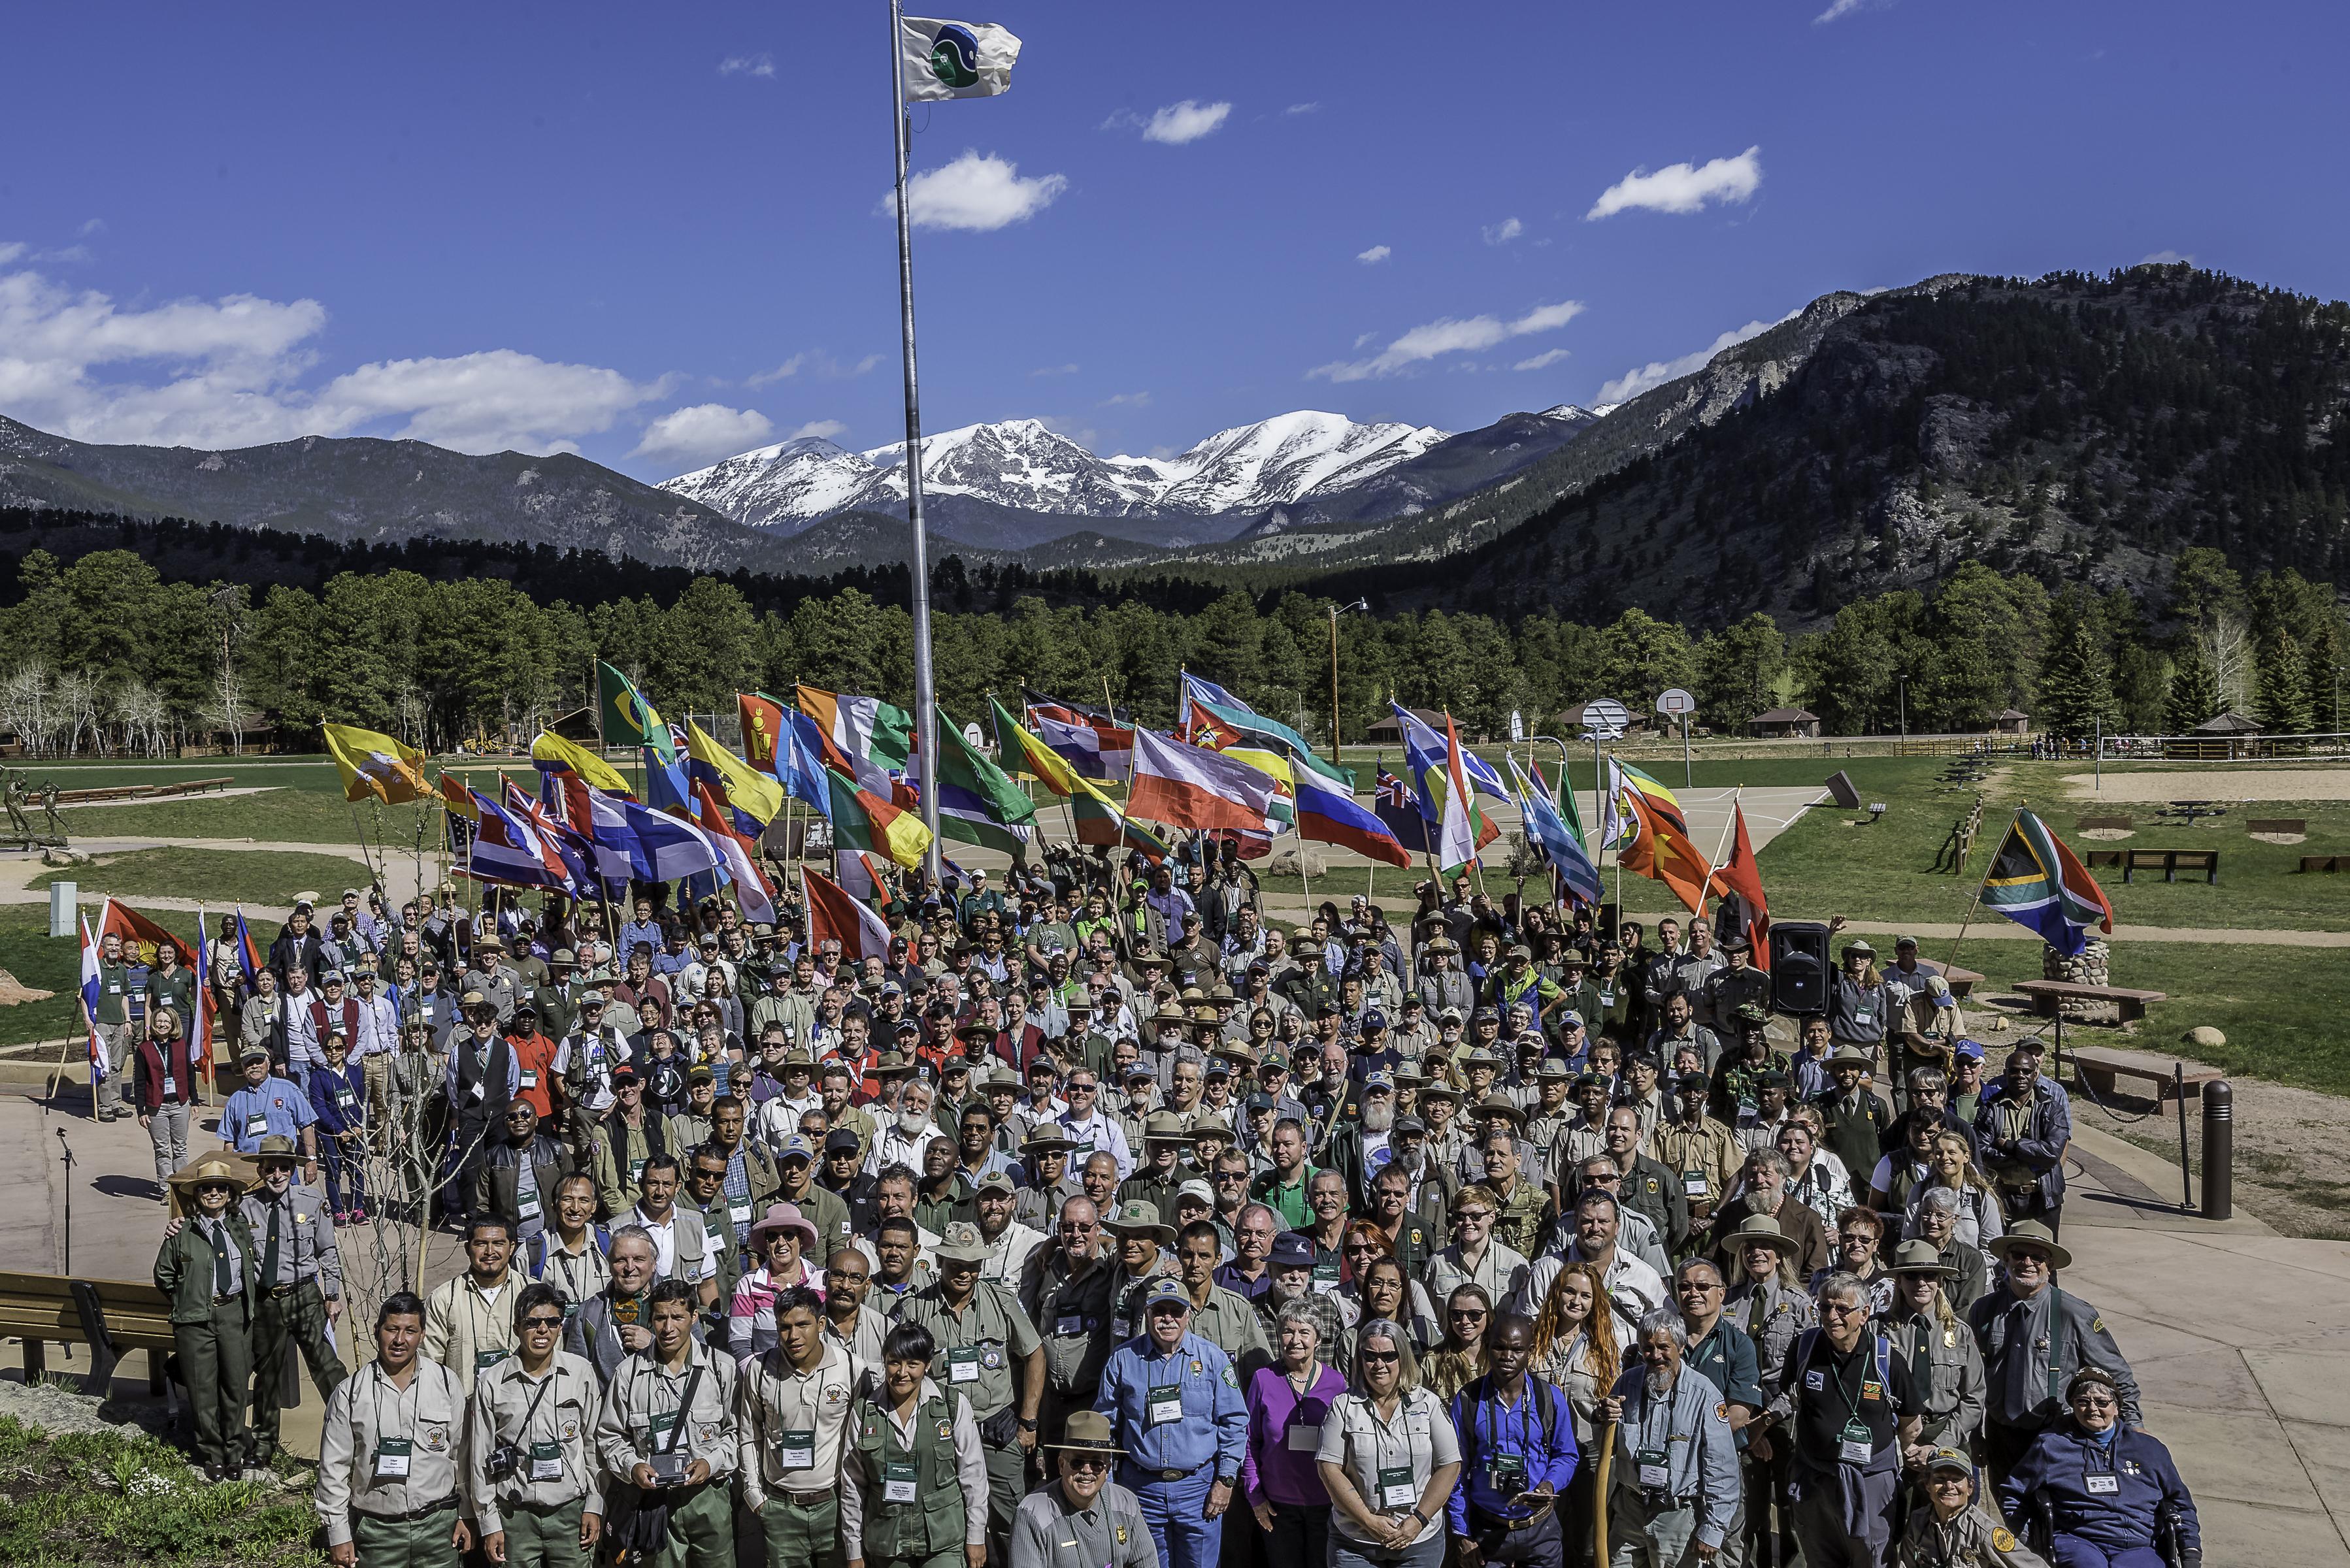 8th World Ranger Congress